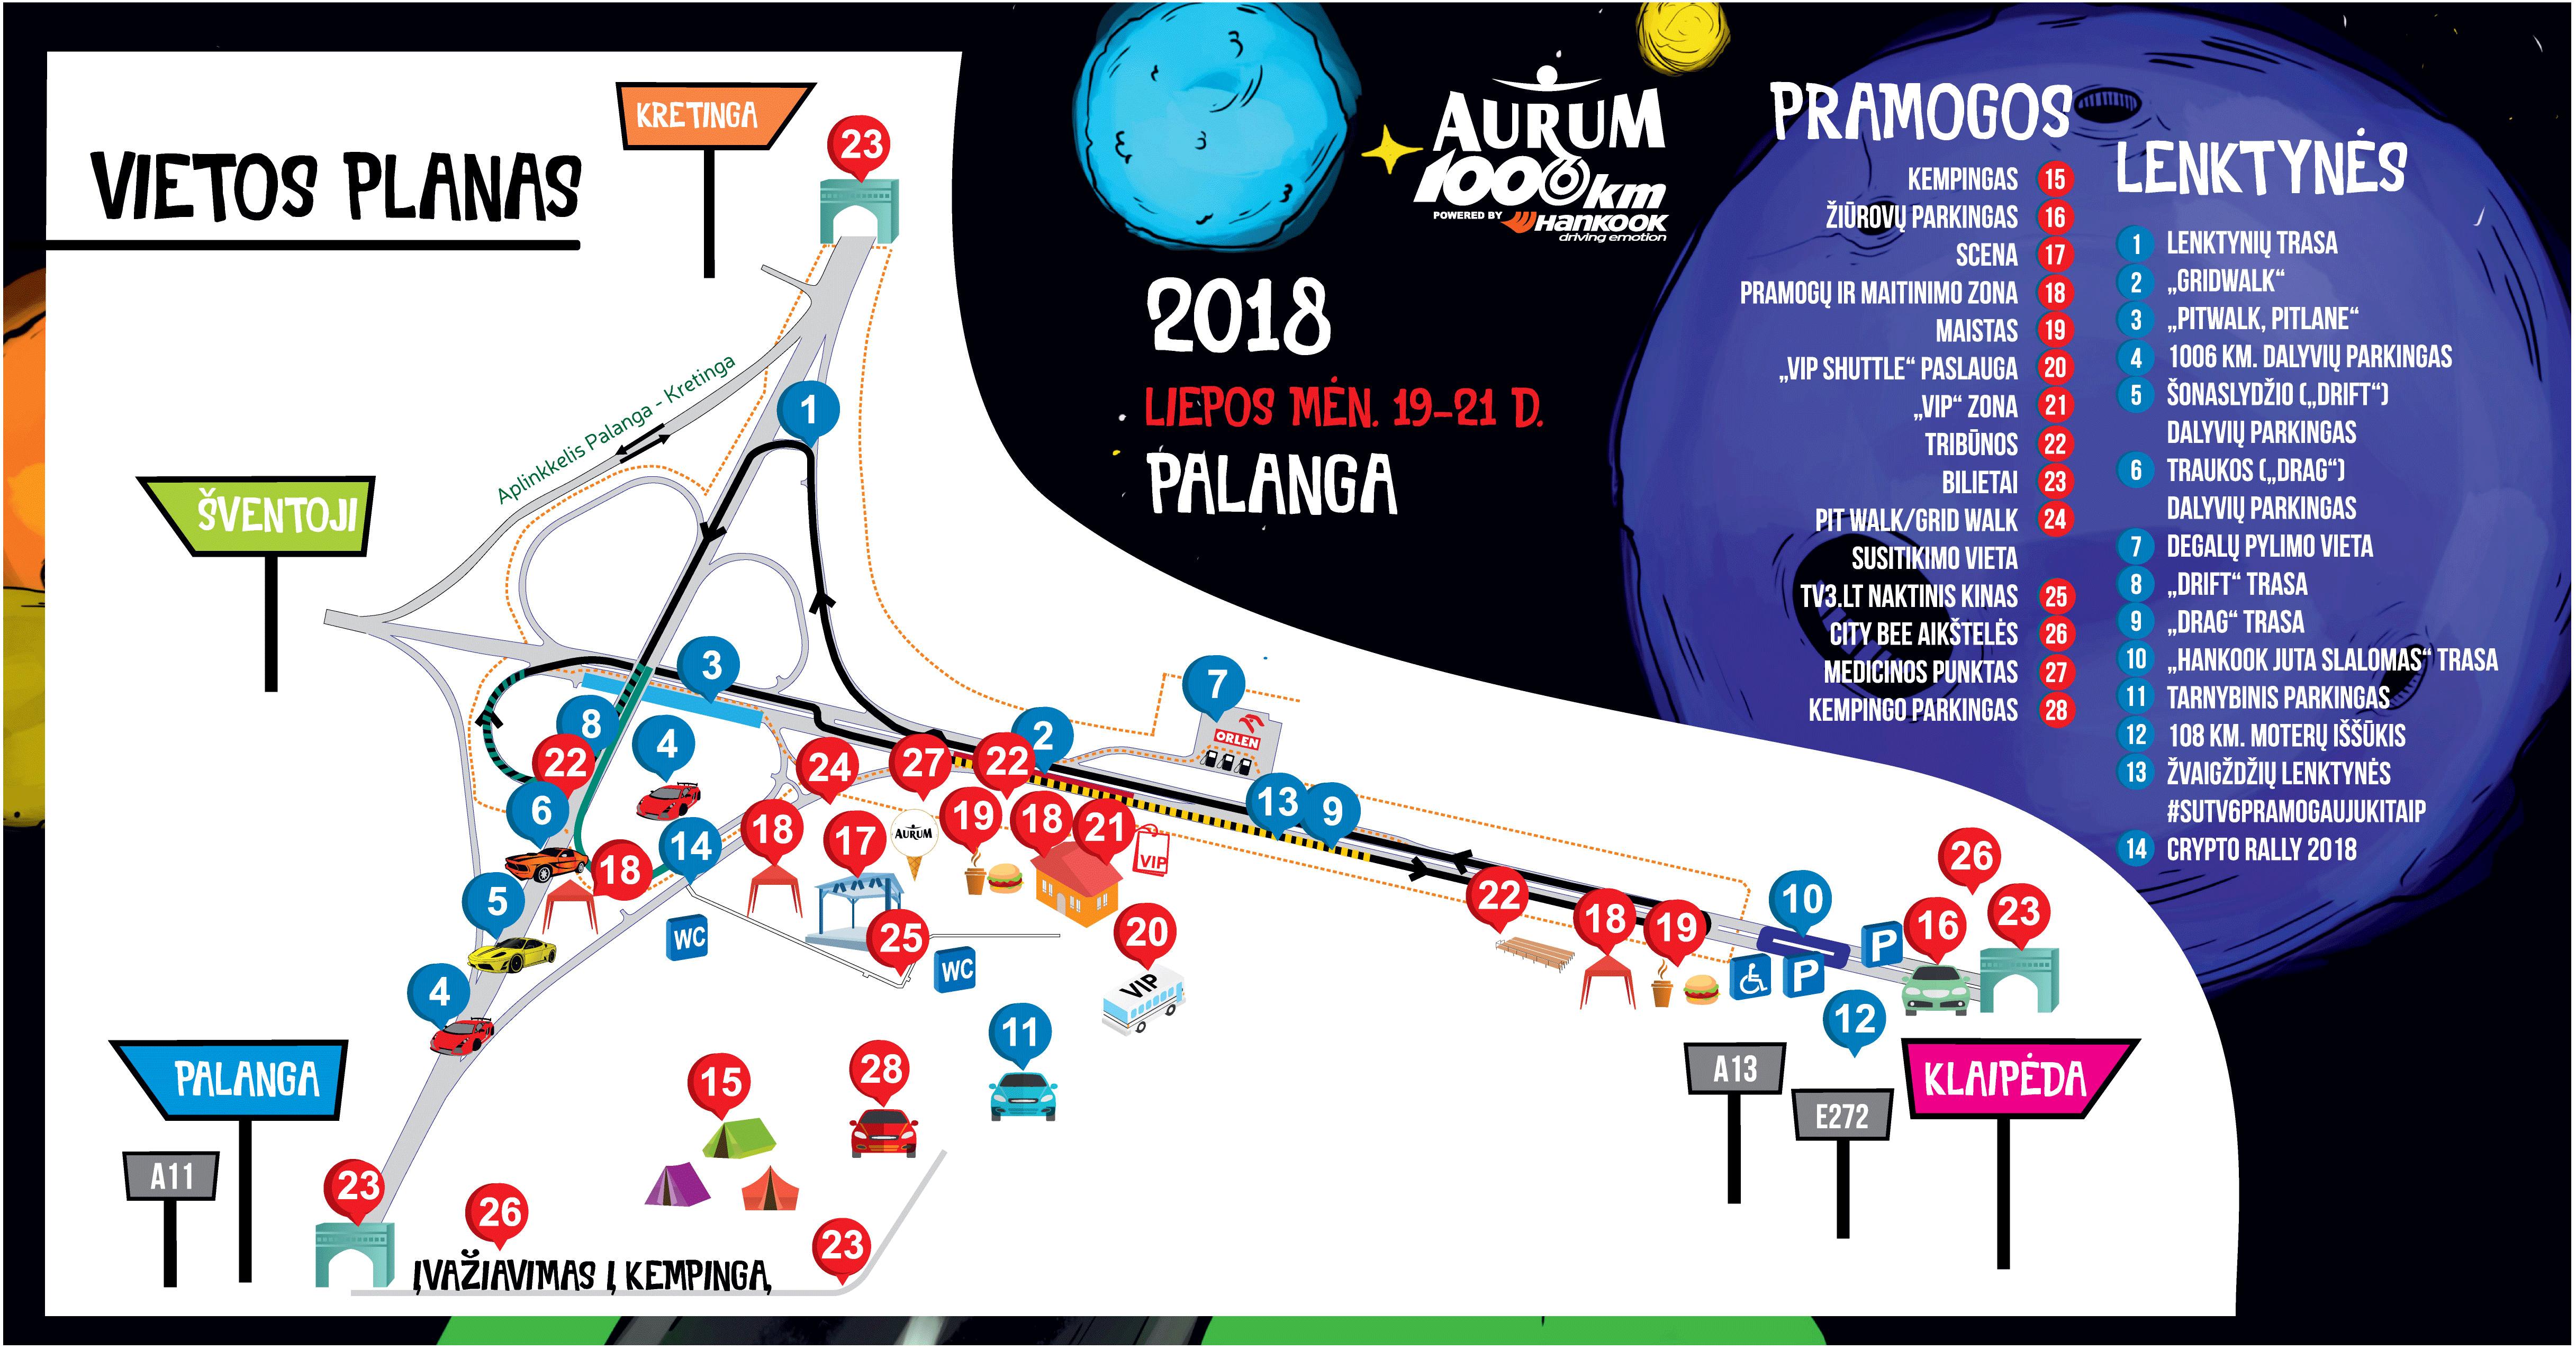 autum-vietos-planas-1711x8943mm